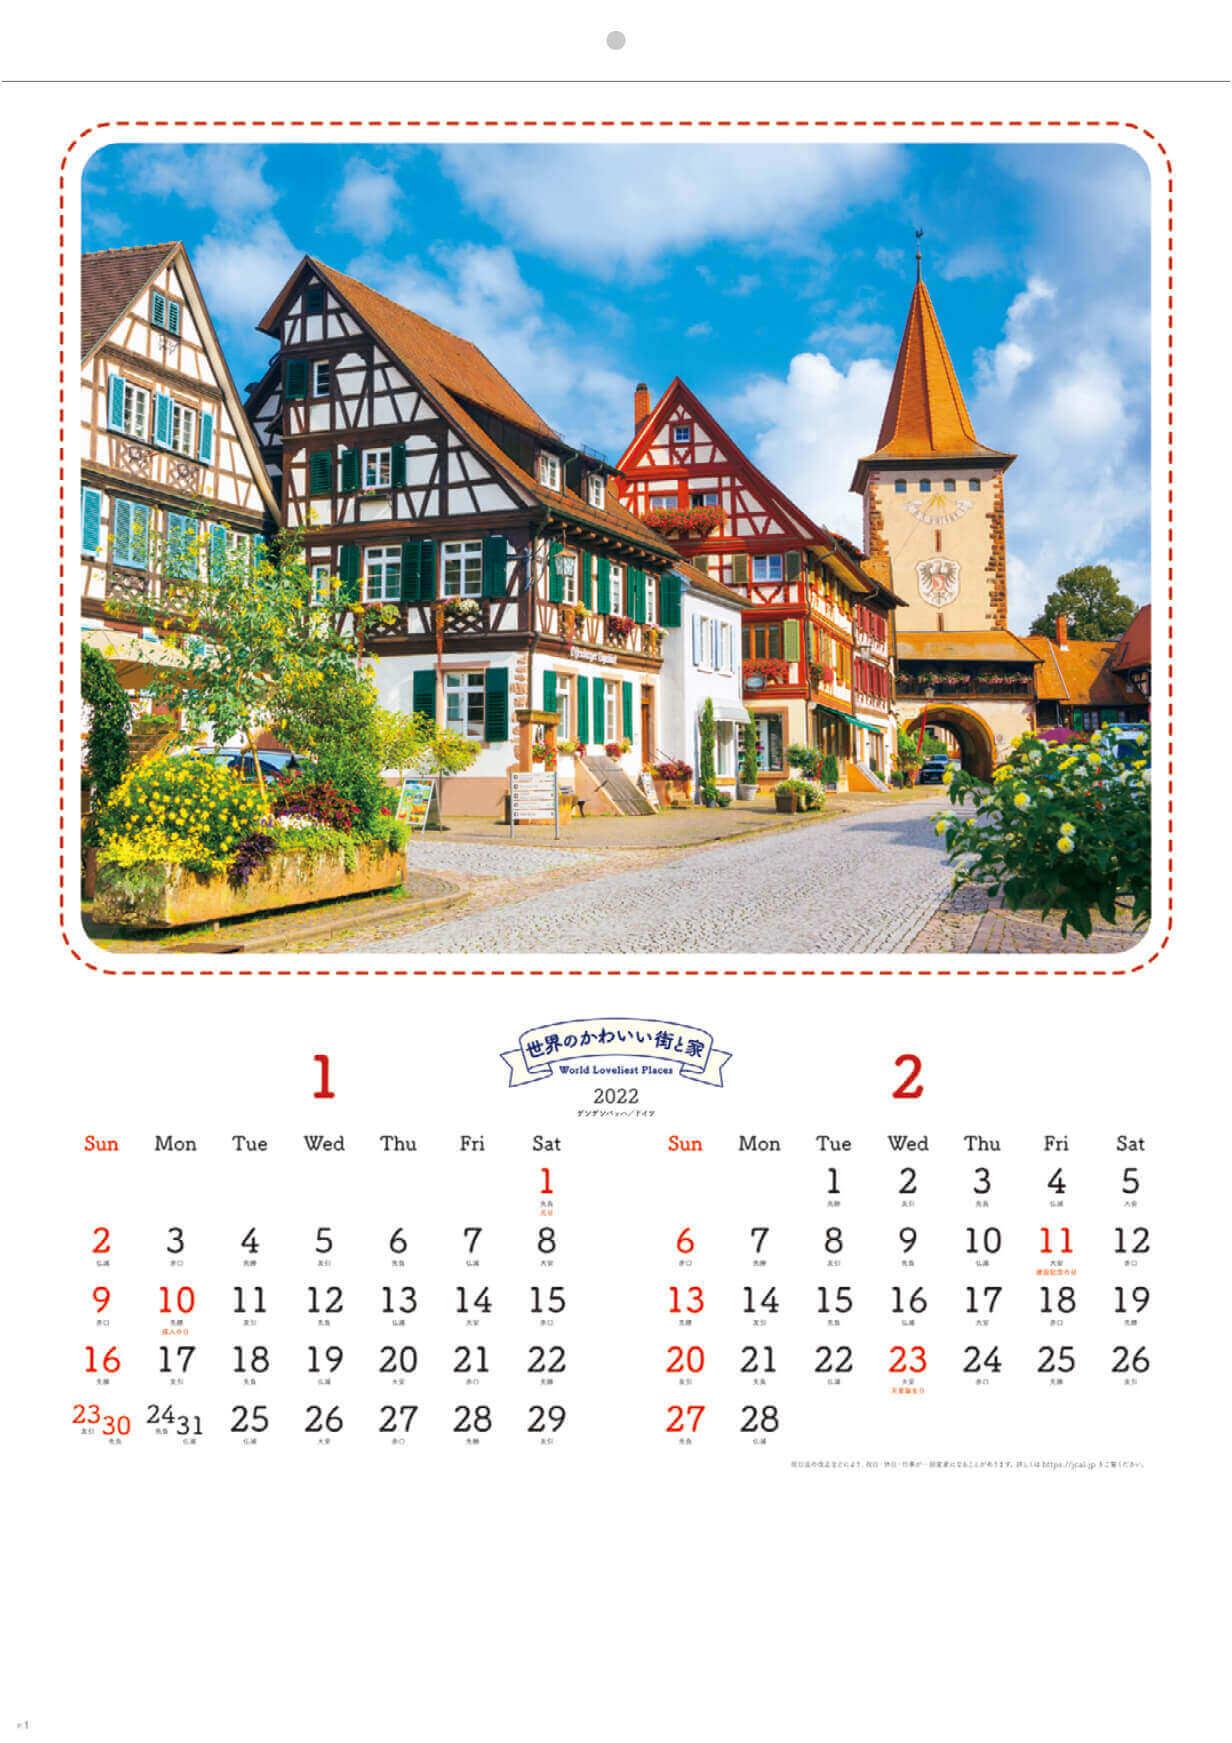 ゲンゲンバッハ-ドイツ 世界のかわいい街と家 2022年カレンダーの画像